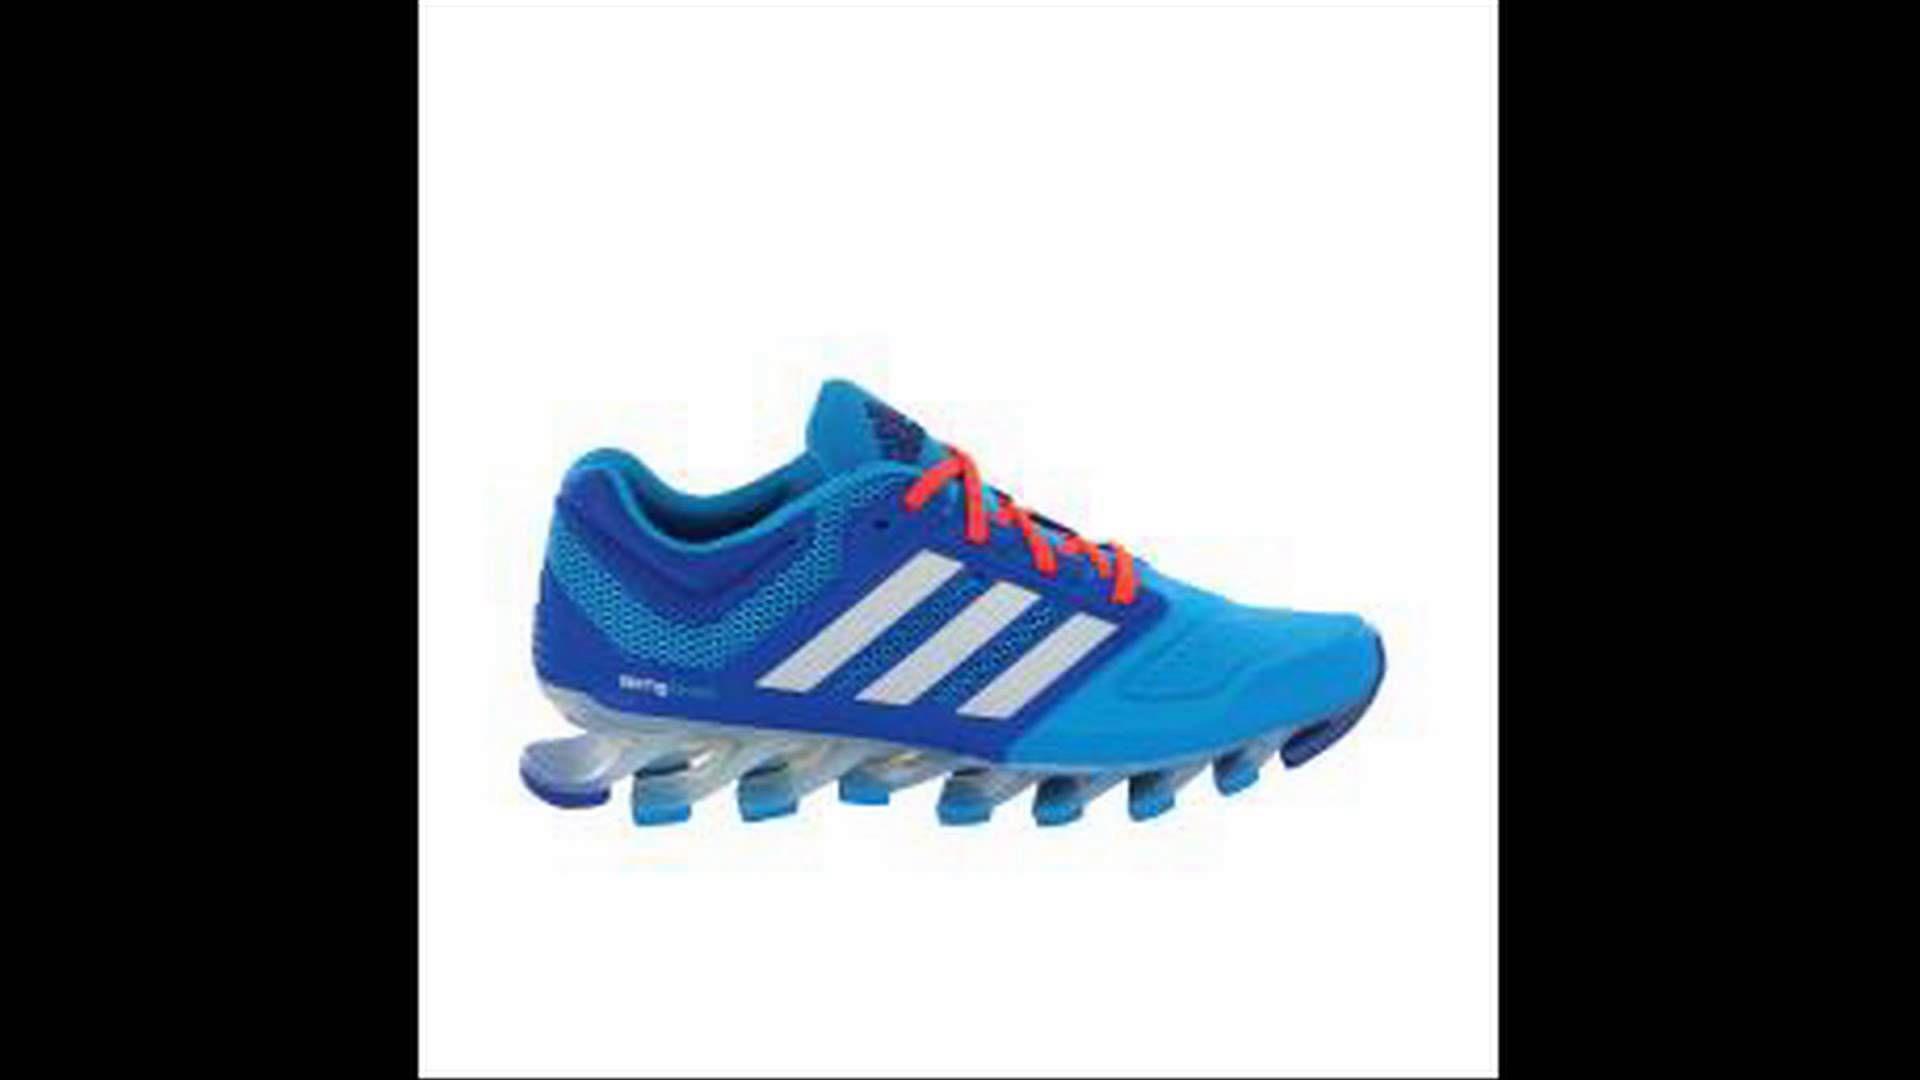 en güzel erkek koşu ayakkabilari http://www.koraysporkosu.com/en-guzel-erkek-kosu-ayakkabilari